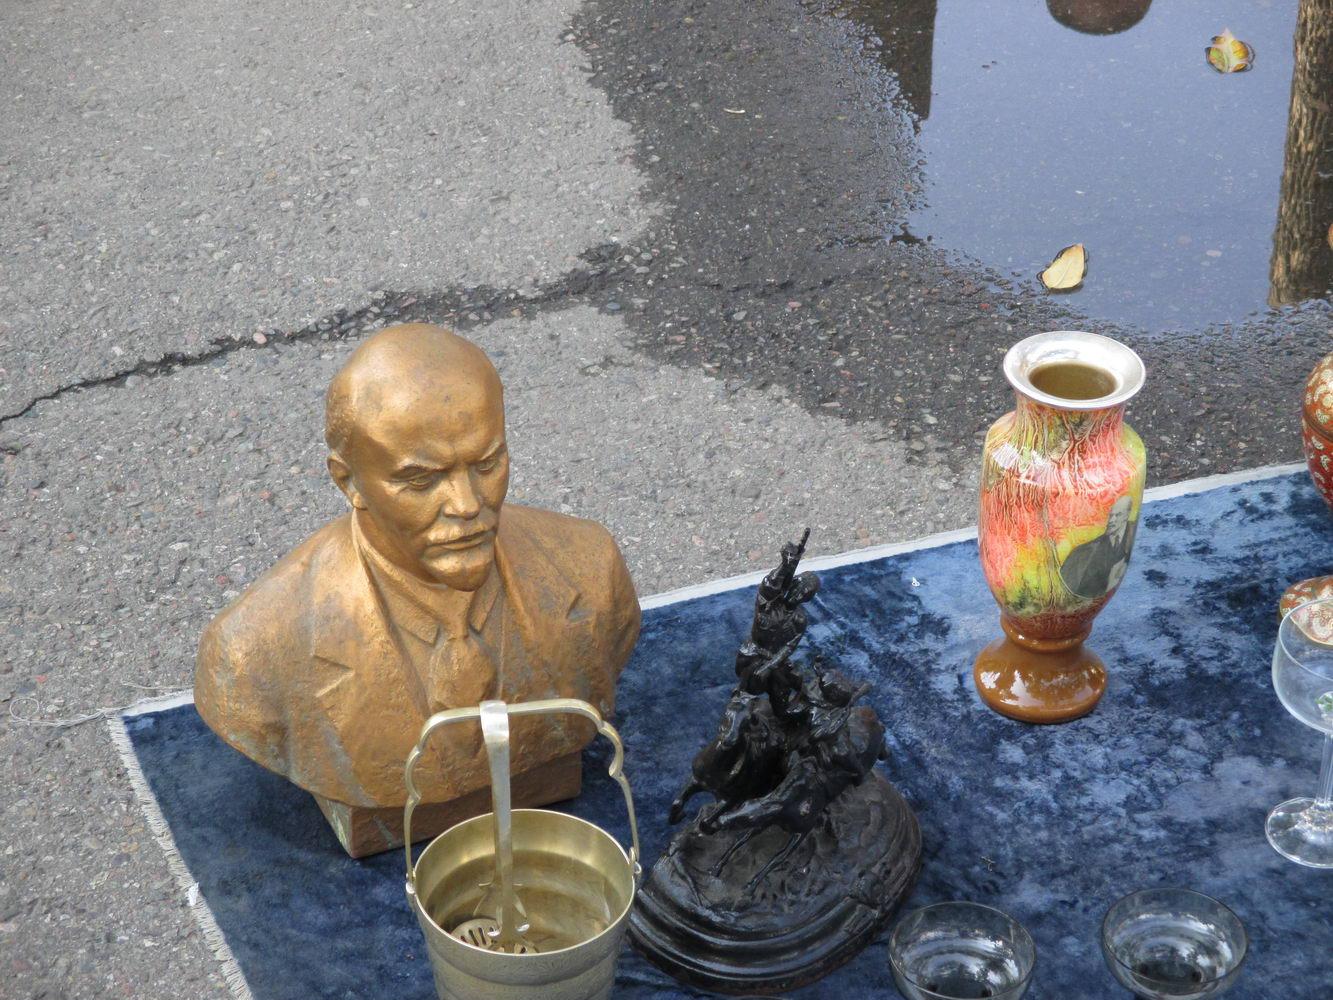 ленин на продажу. базар узбекистан ташкент